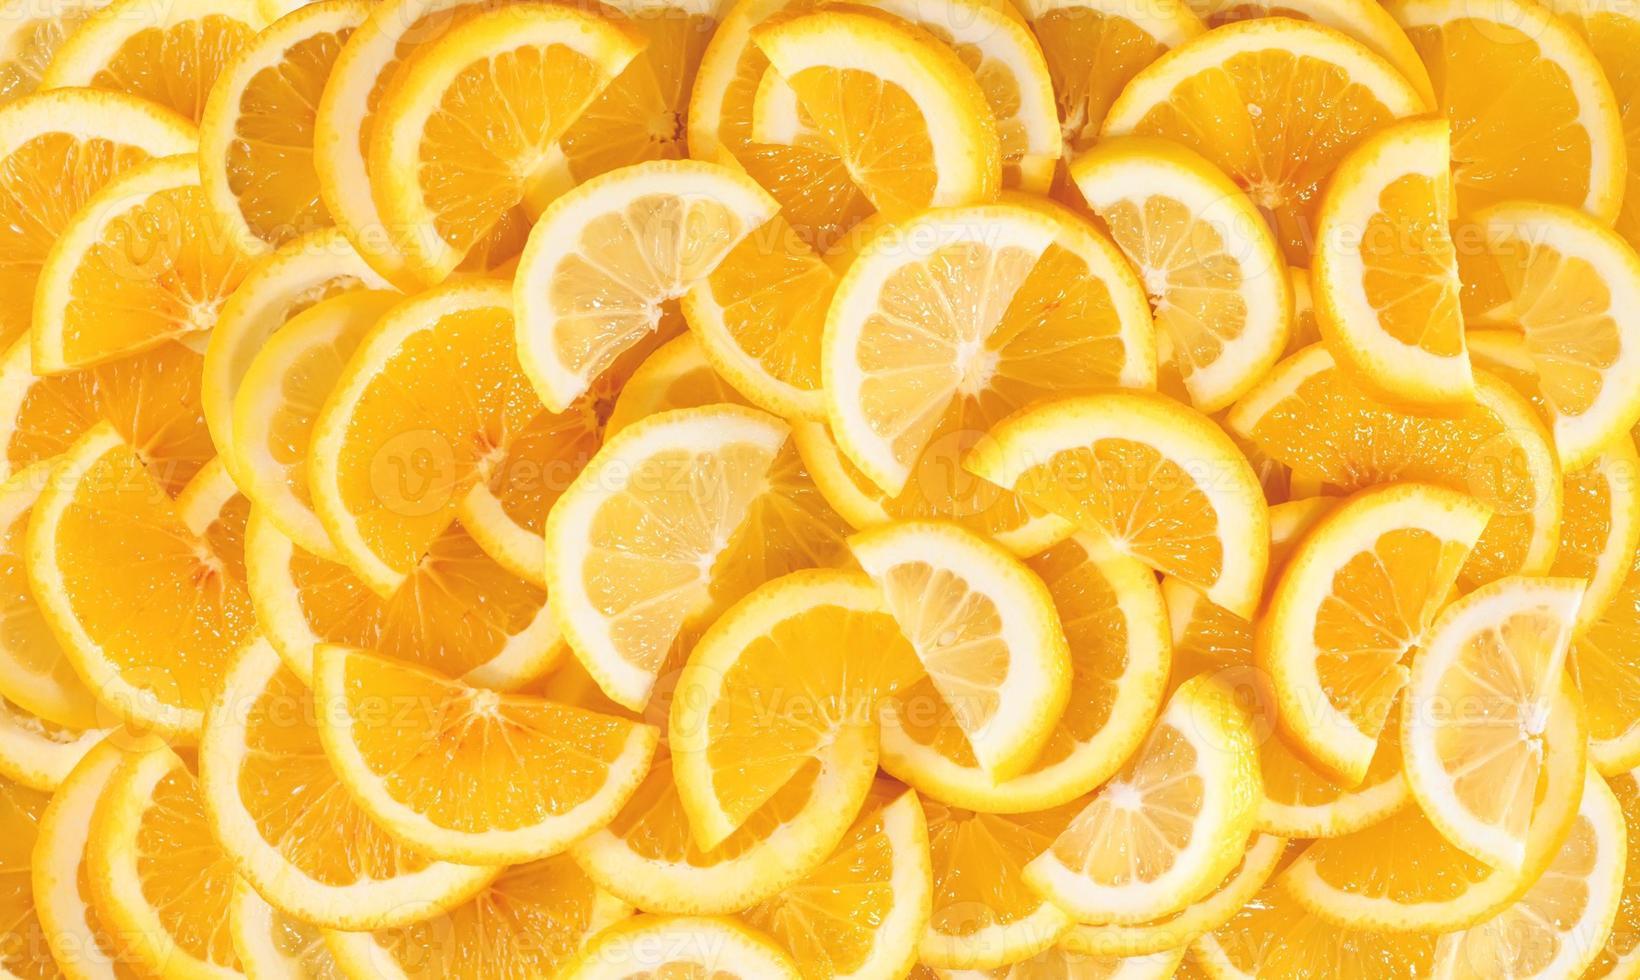 Fresh lemon slices background photo